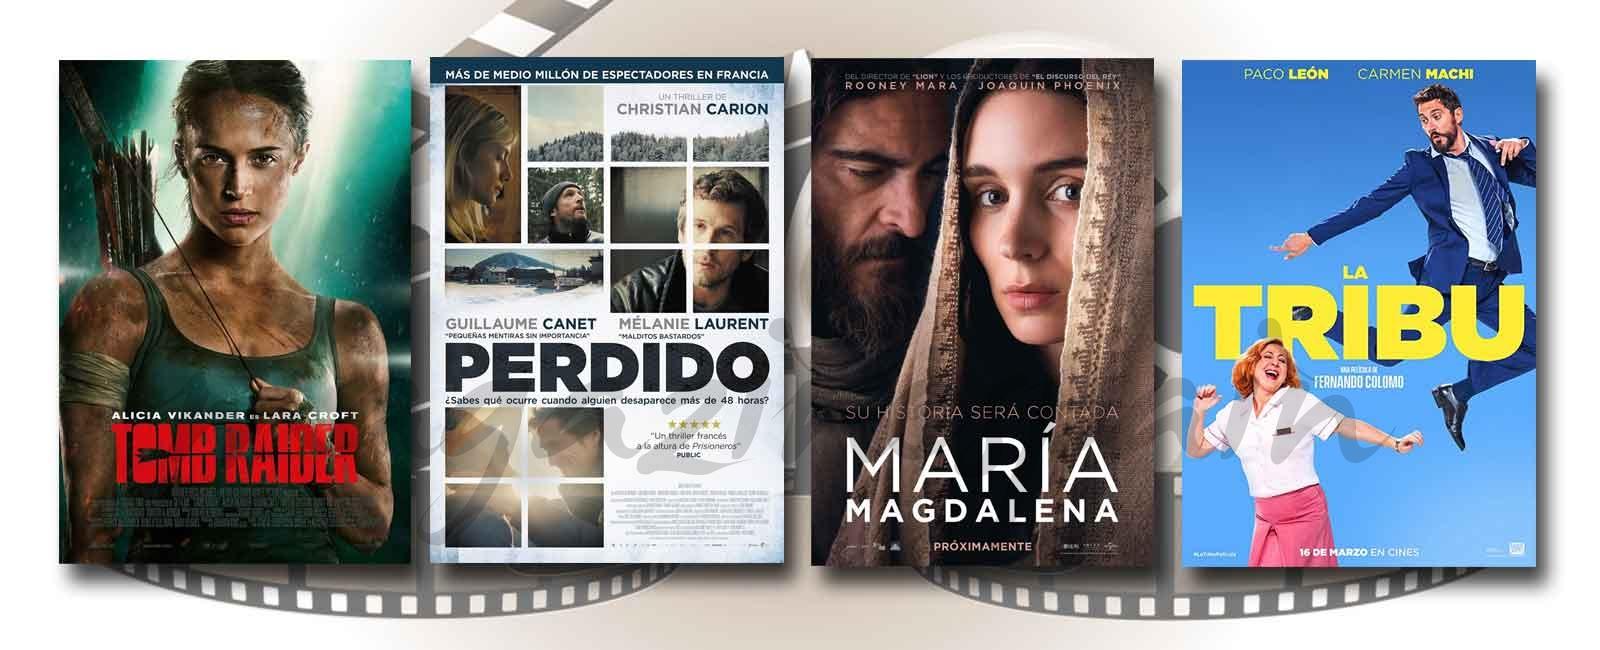 Estrenos de Cine de la Semana… 16 de Marzo 2018